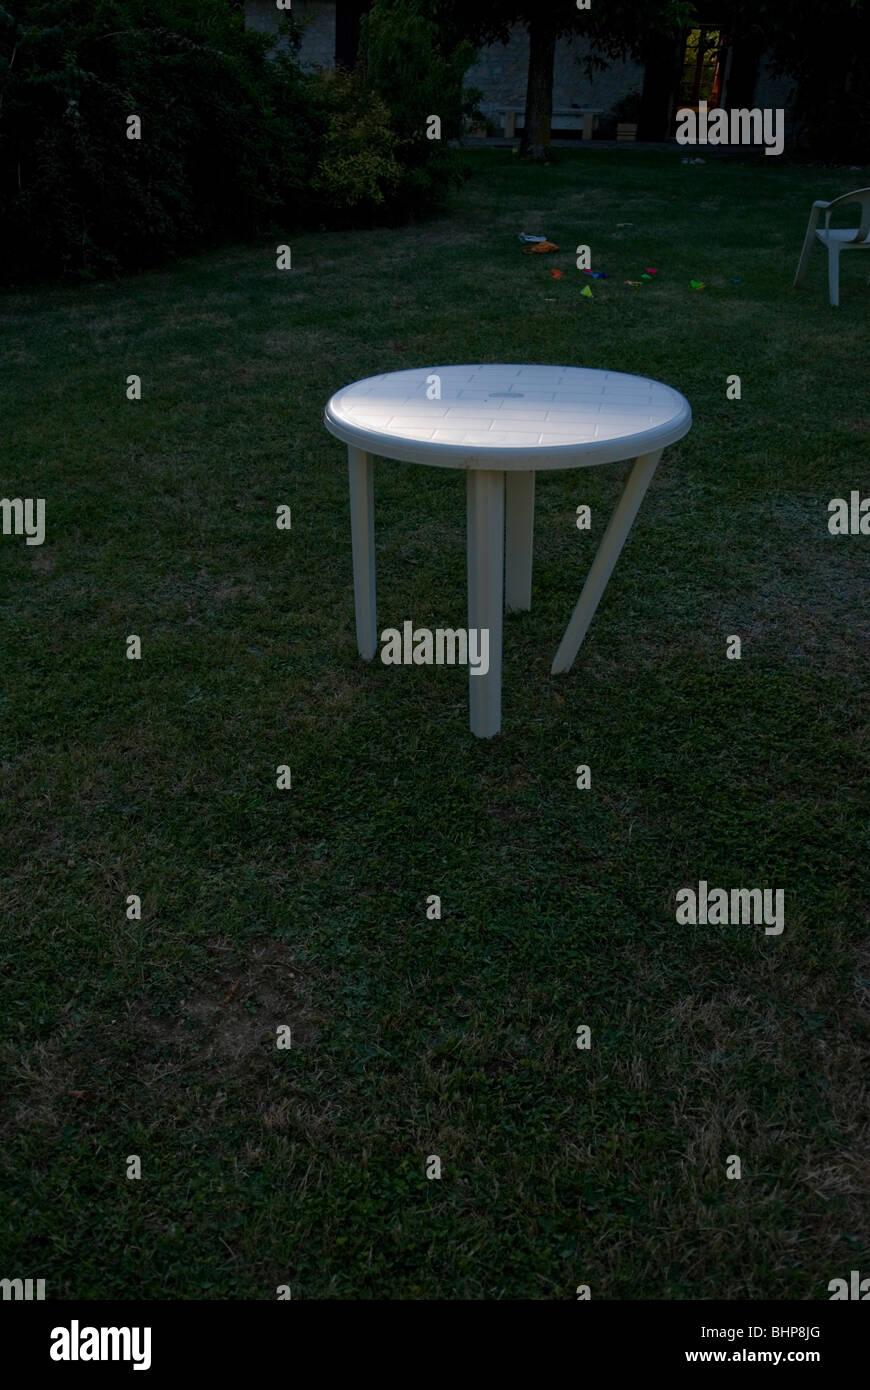 Une image d\'une table de jardin en plastique blanc bancal ...